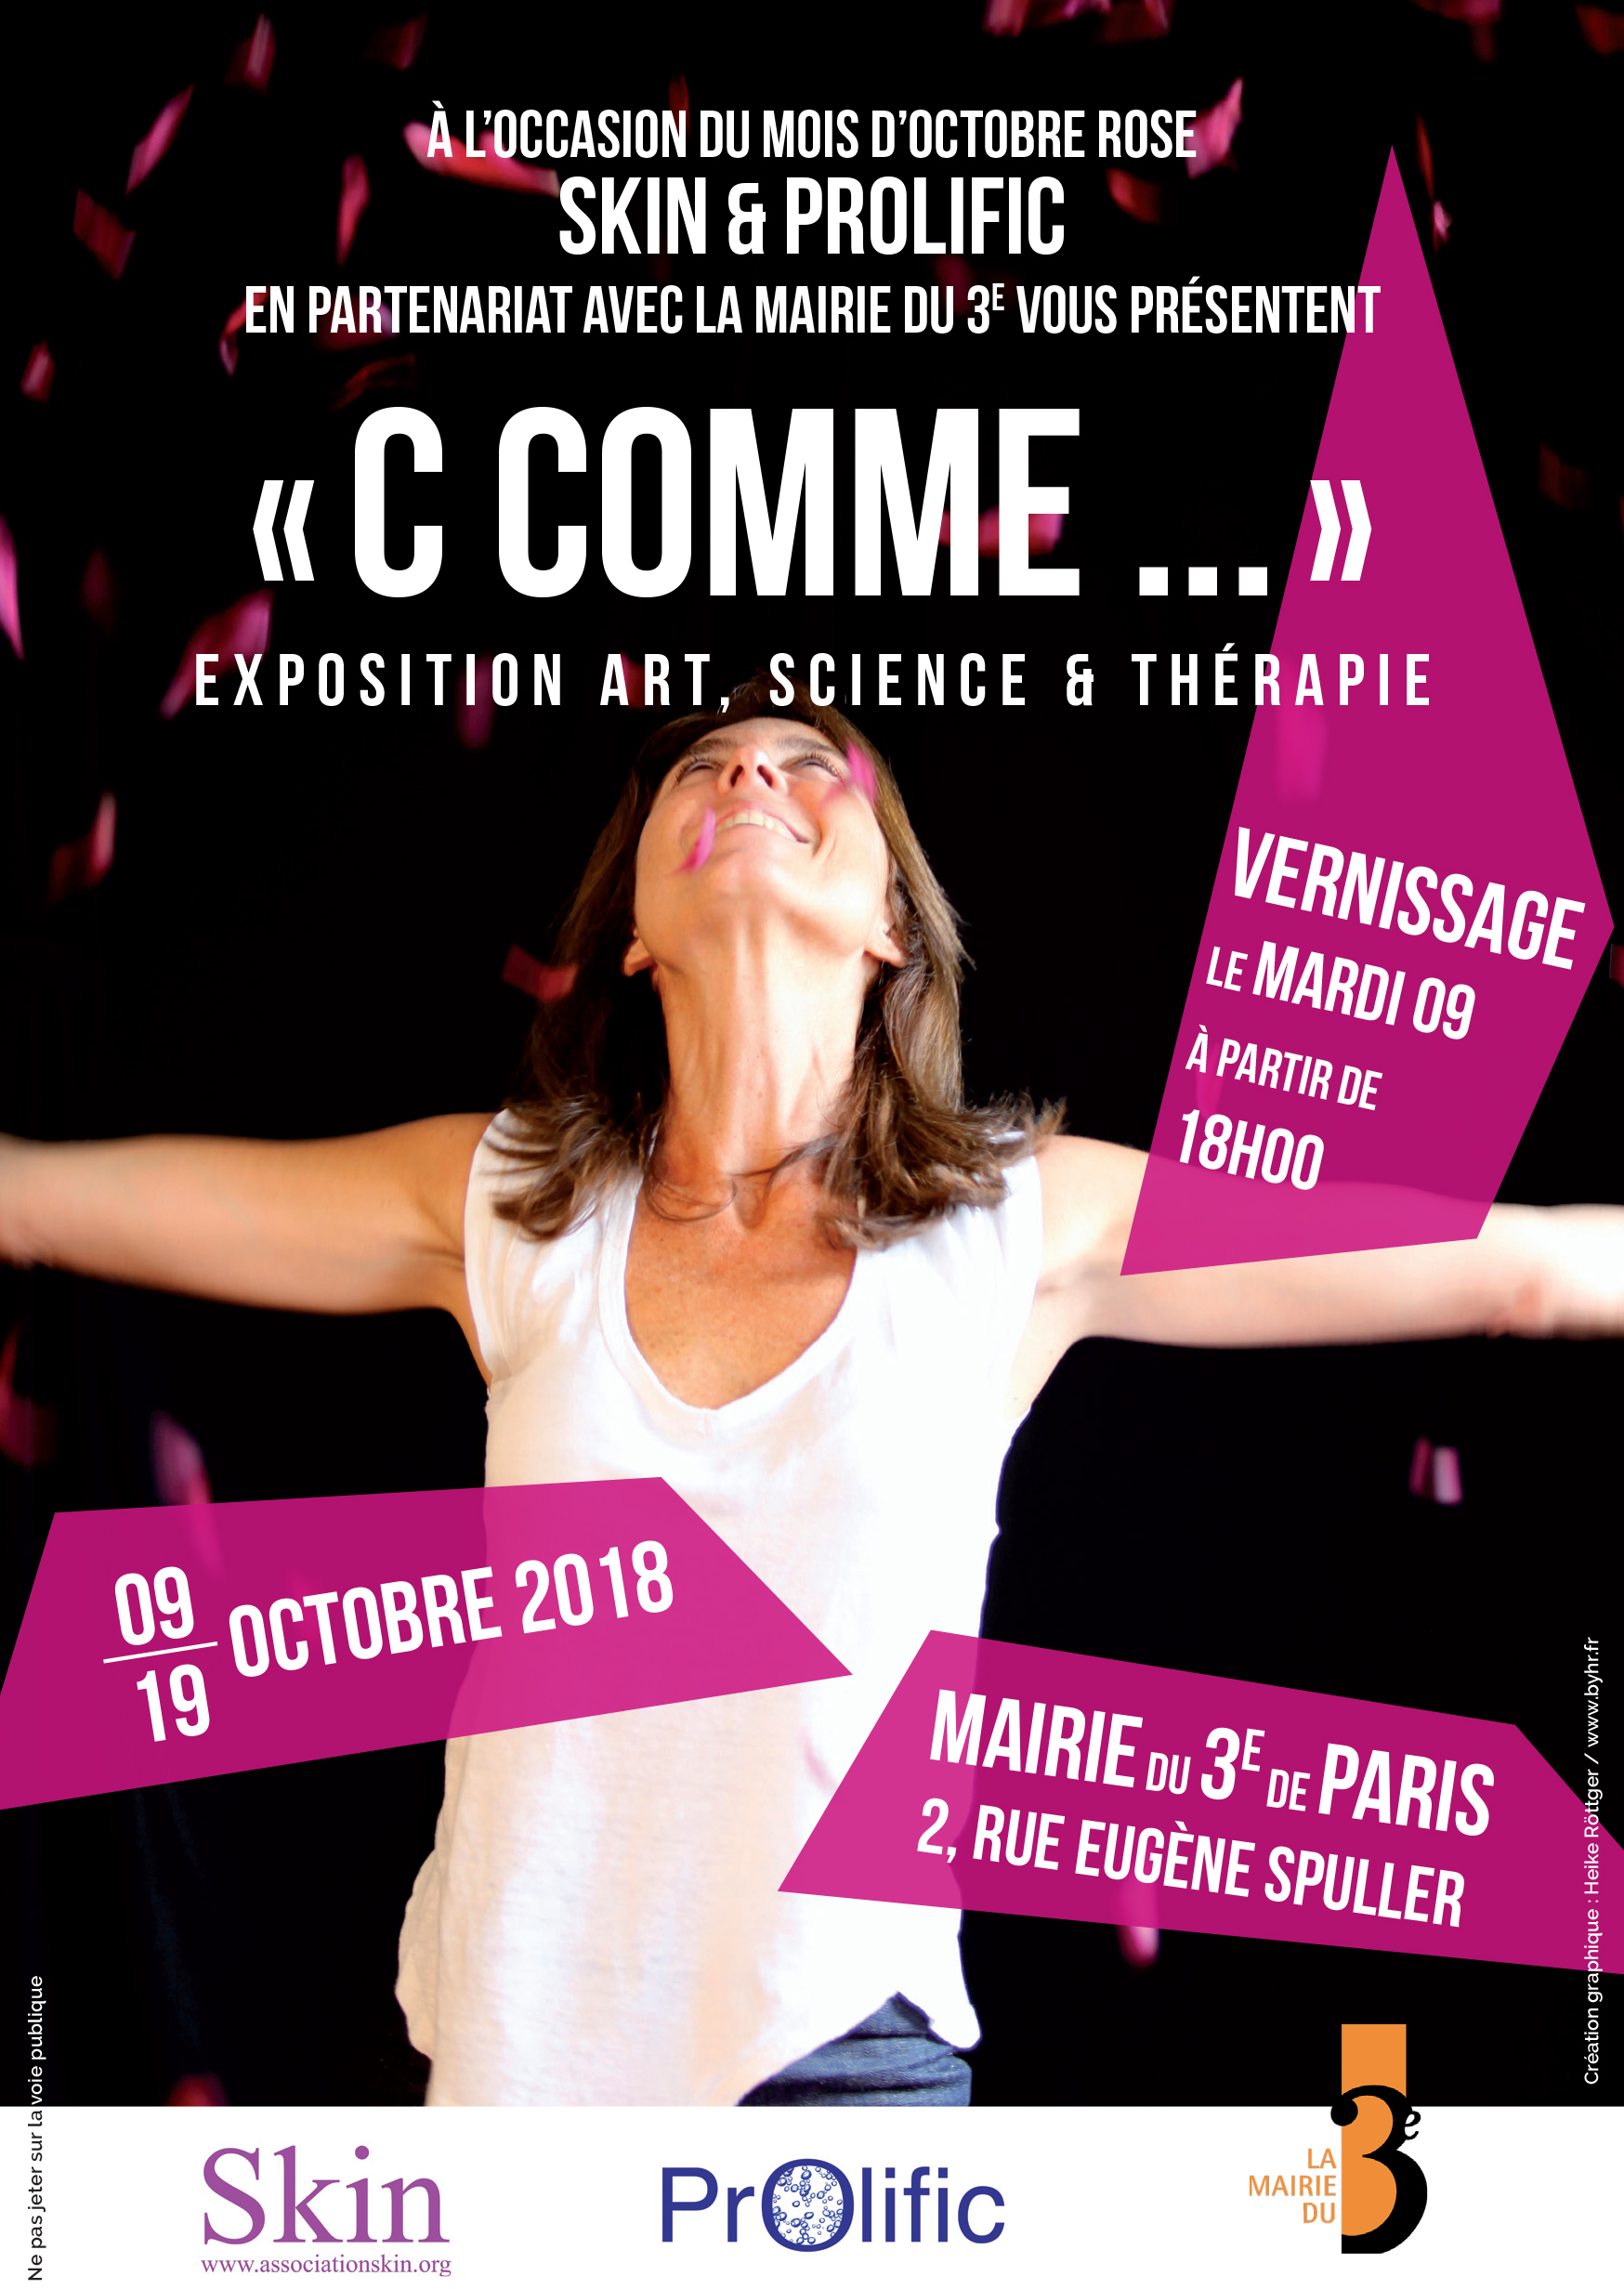 """La très belle exposition """"C, comme"""" a eu lieu en Octobre 2018, à la mairie du 3e arrondissement, en association avec SKIN. en voir   +"""